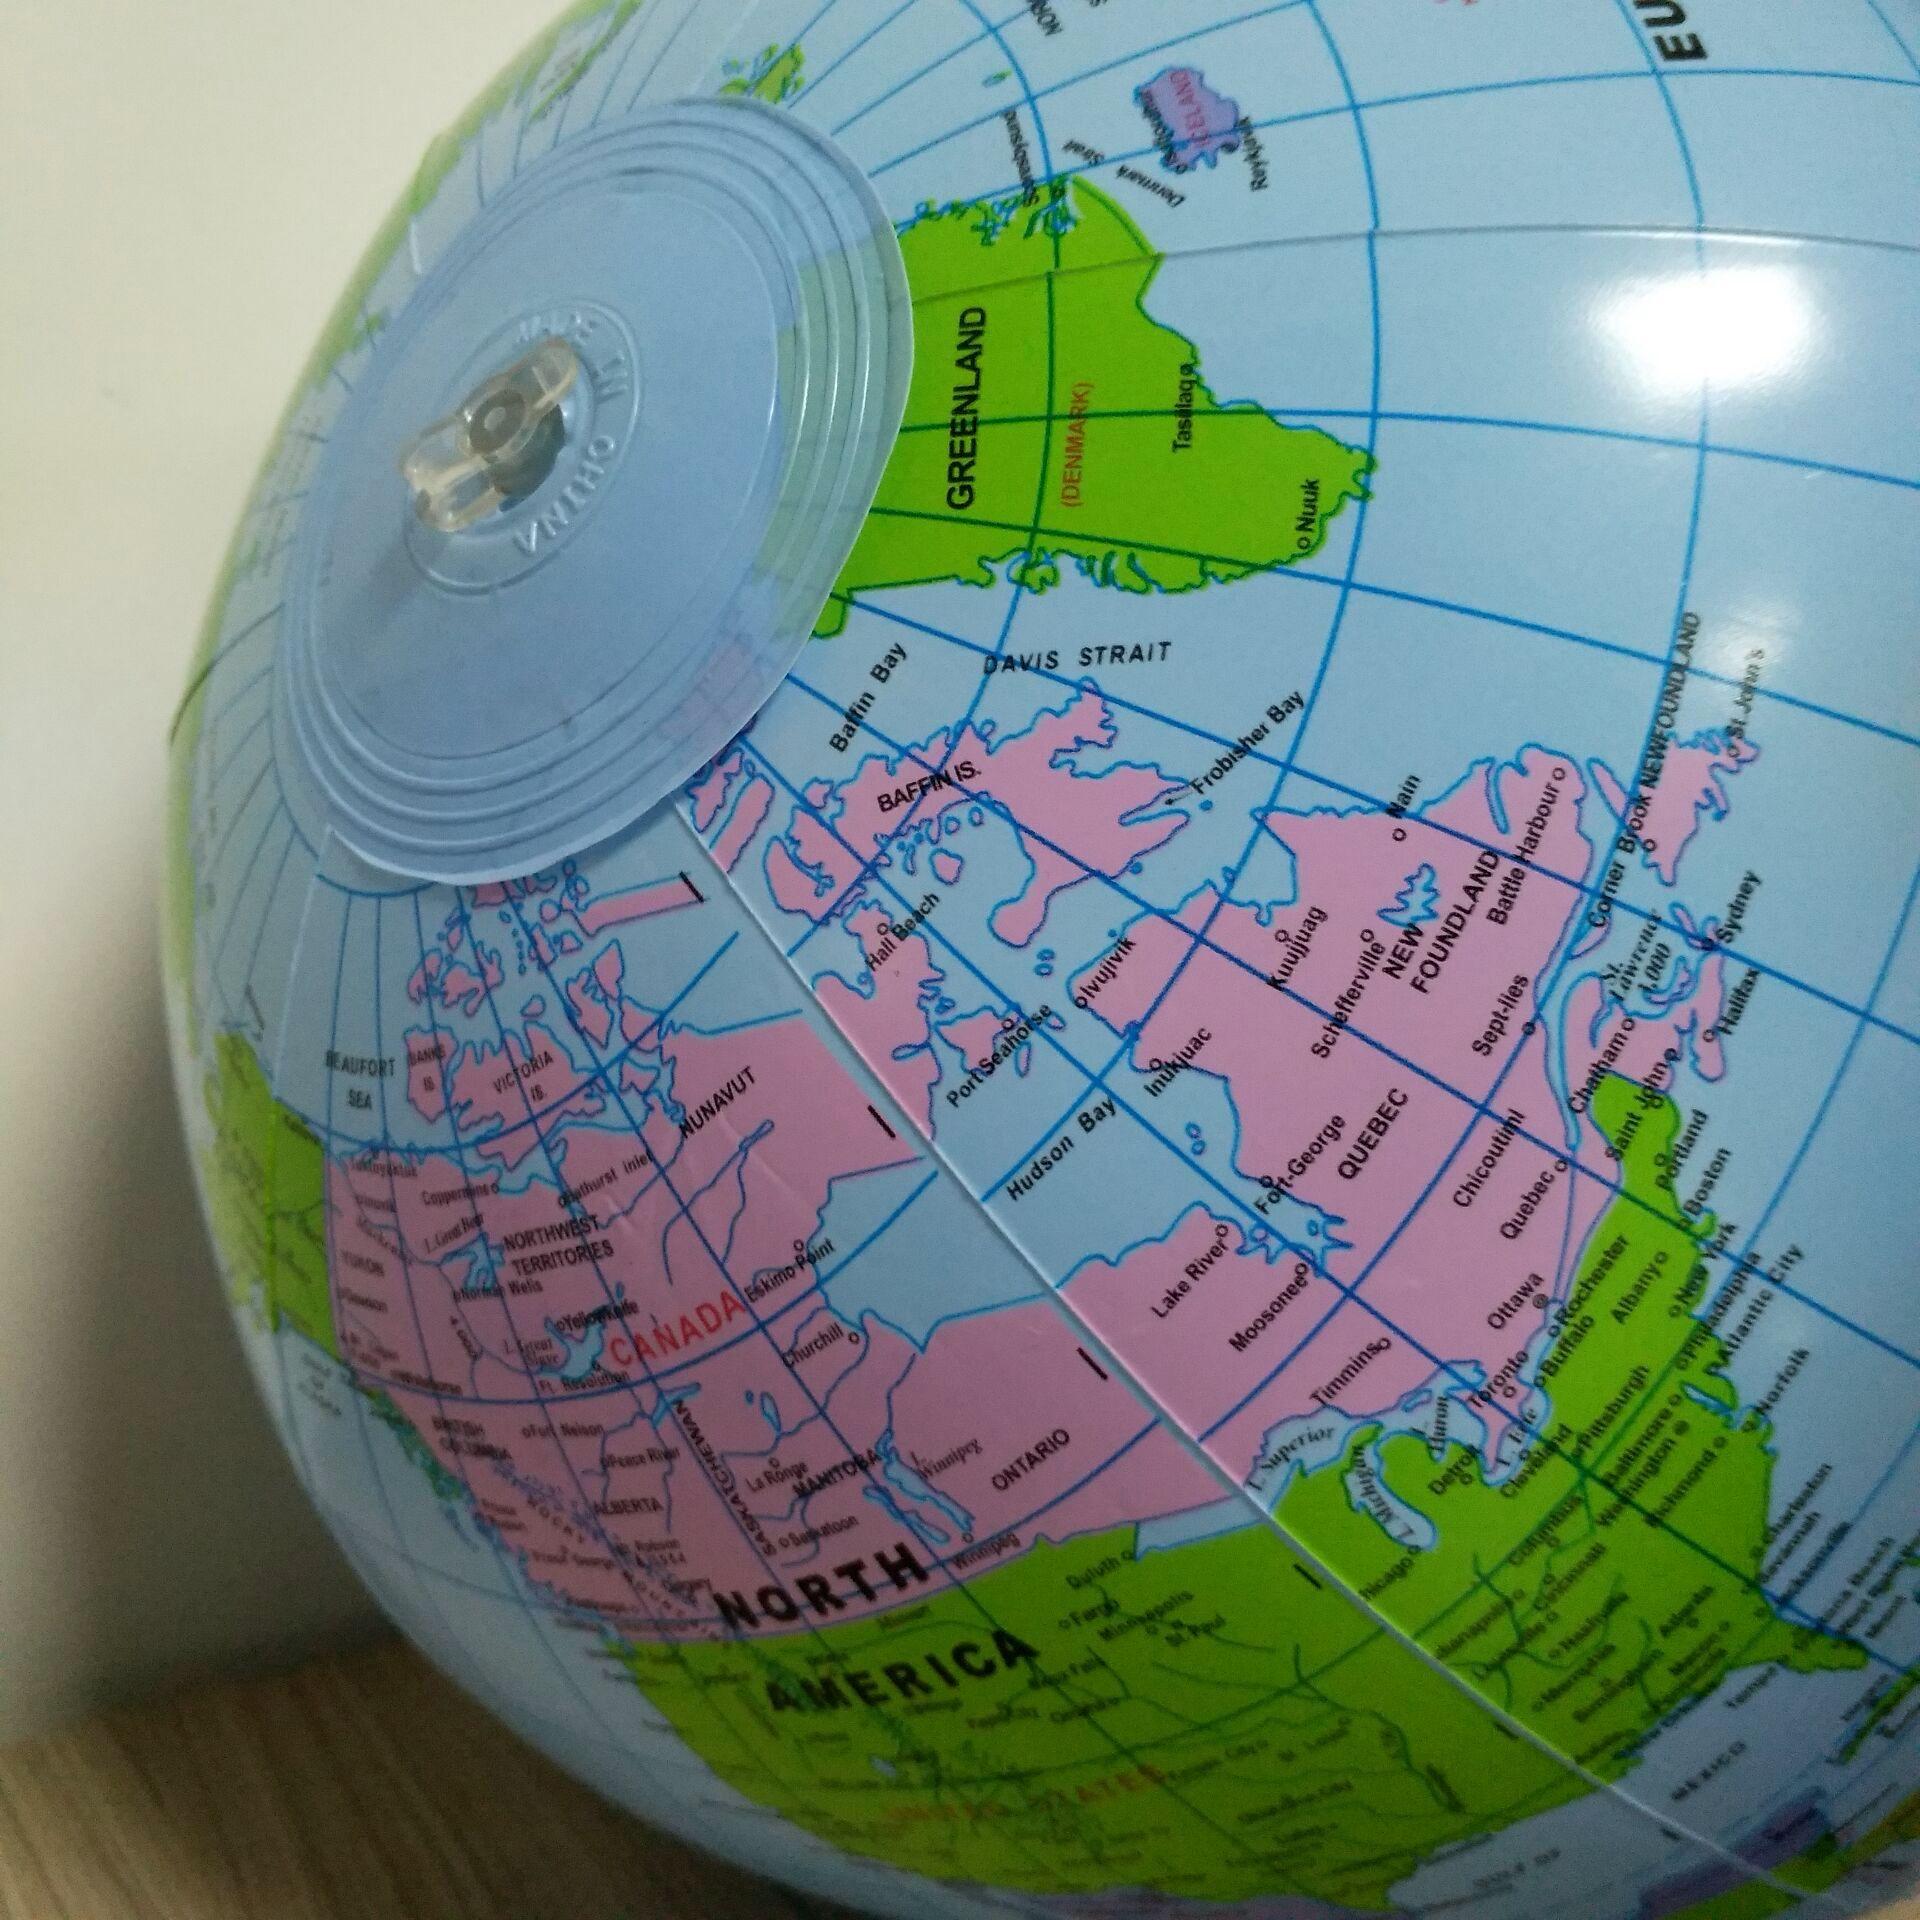 Надувной глобус, 16 дюймов, карта, мяч для обучения в области географии, обучающий, мир, земля, океан, пляжный мяч, детские развивающие принадлежности для географии